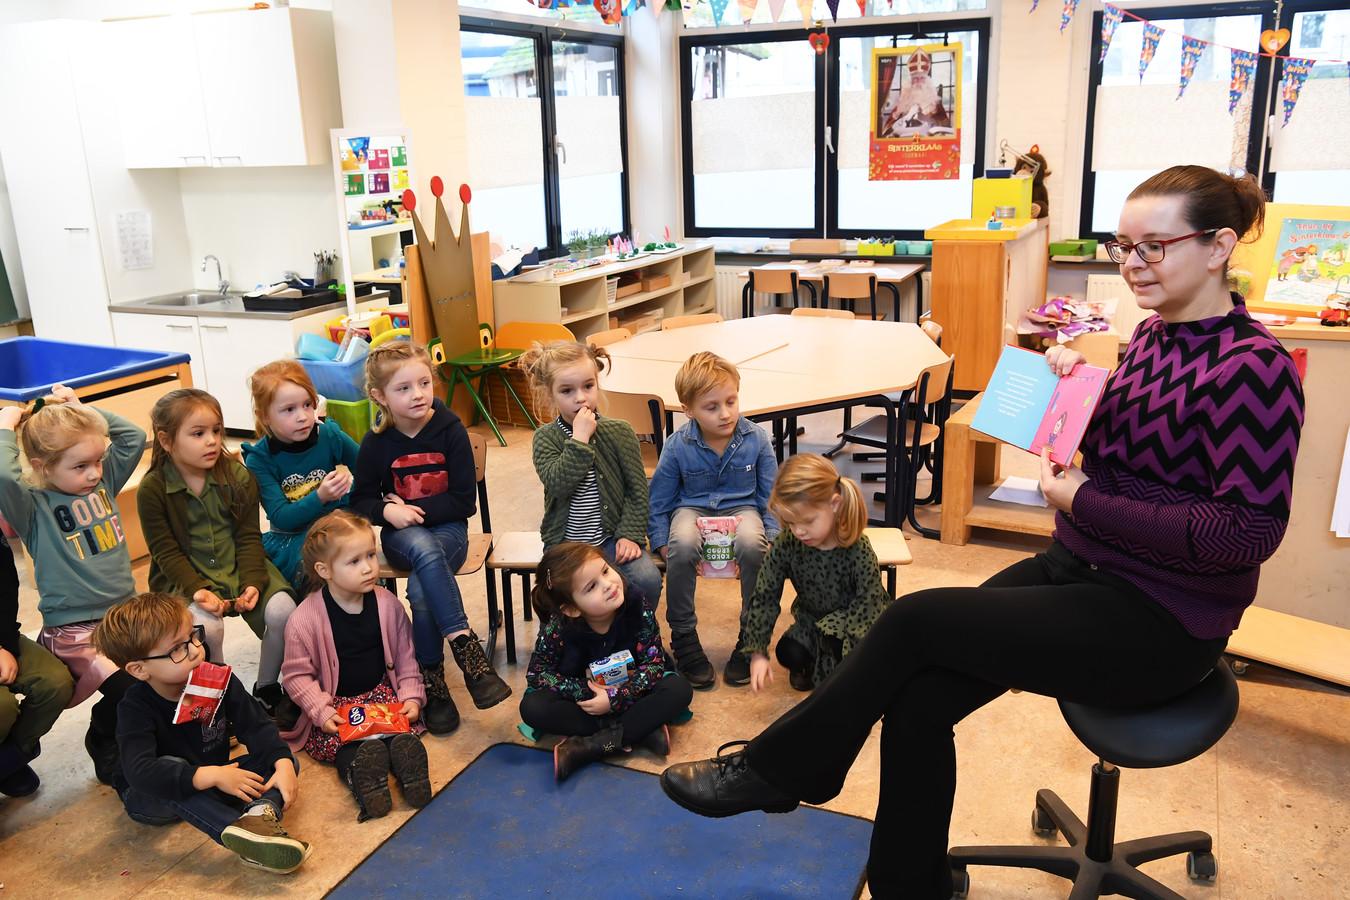 Martine Cools presenteert haar prentenboek in de klas van dochter Anne, die de hoofdrol vervult in het boek.